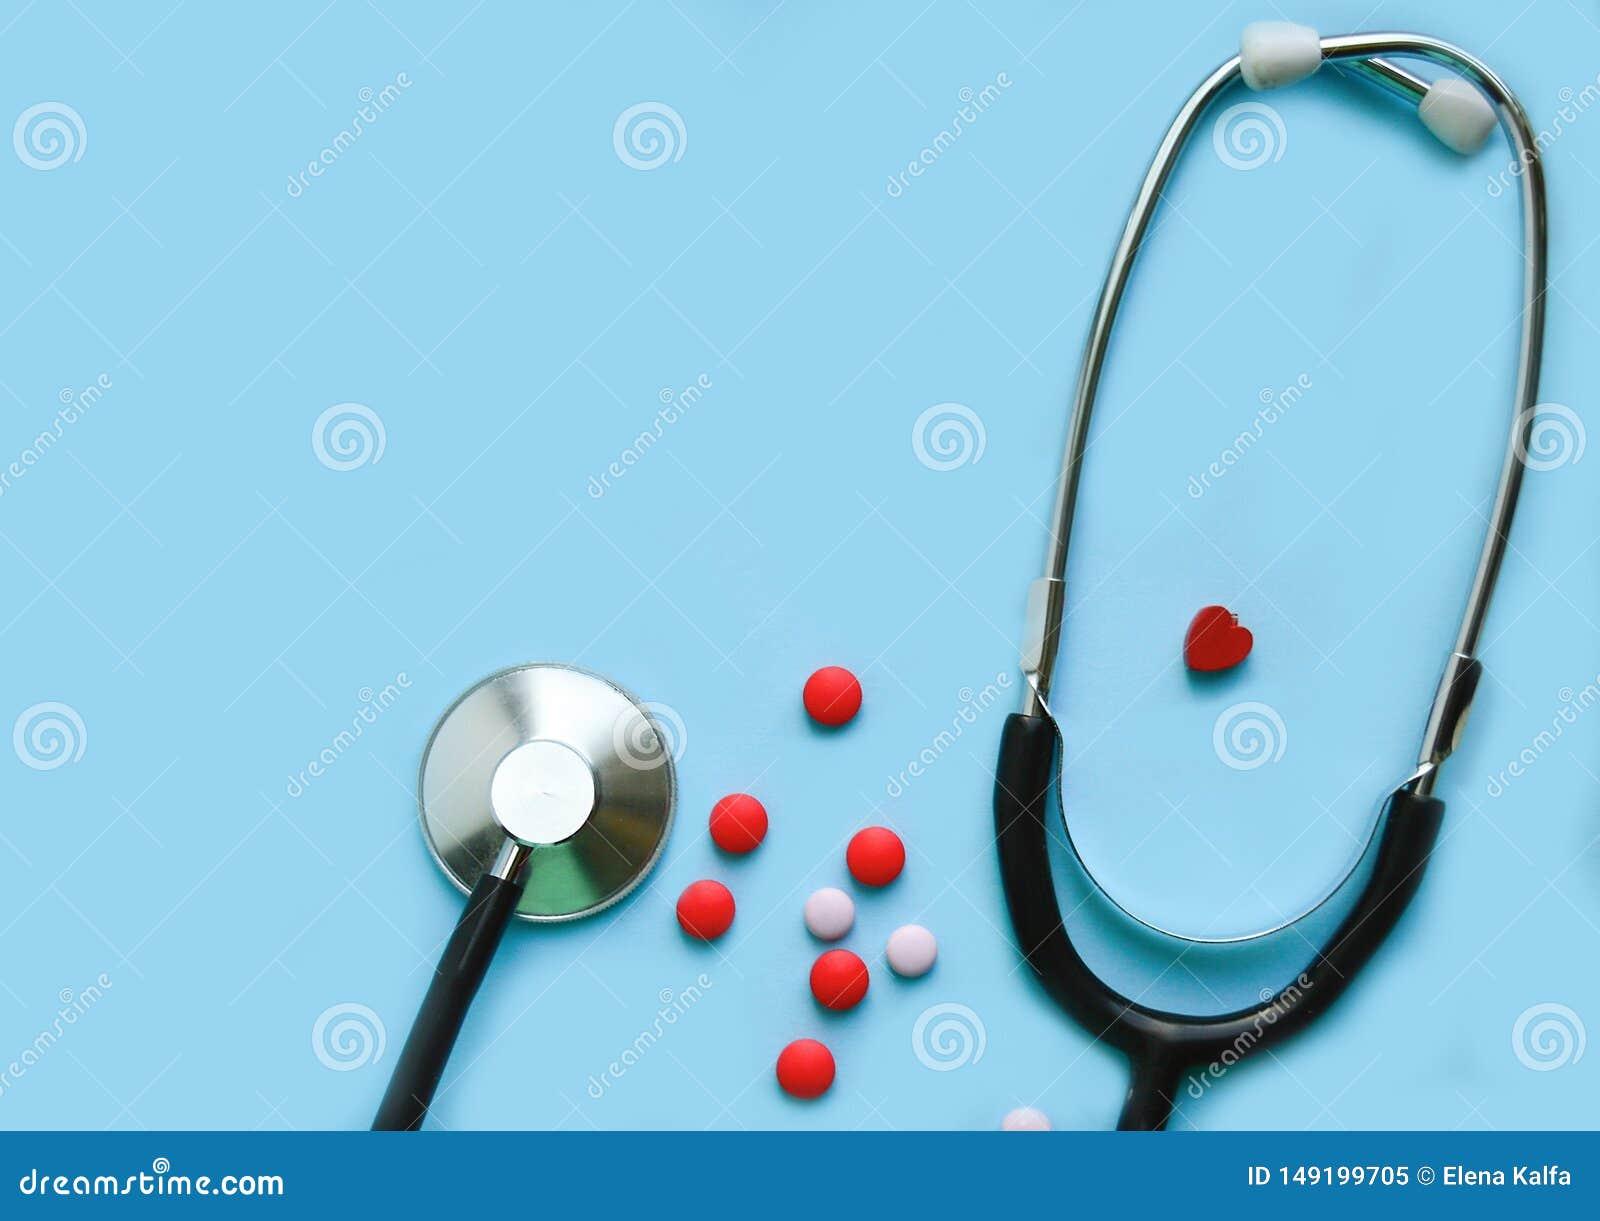 Stethoscoop op een blauwe achtergrond met pillen en een rood hart, beschikbare ruimte